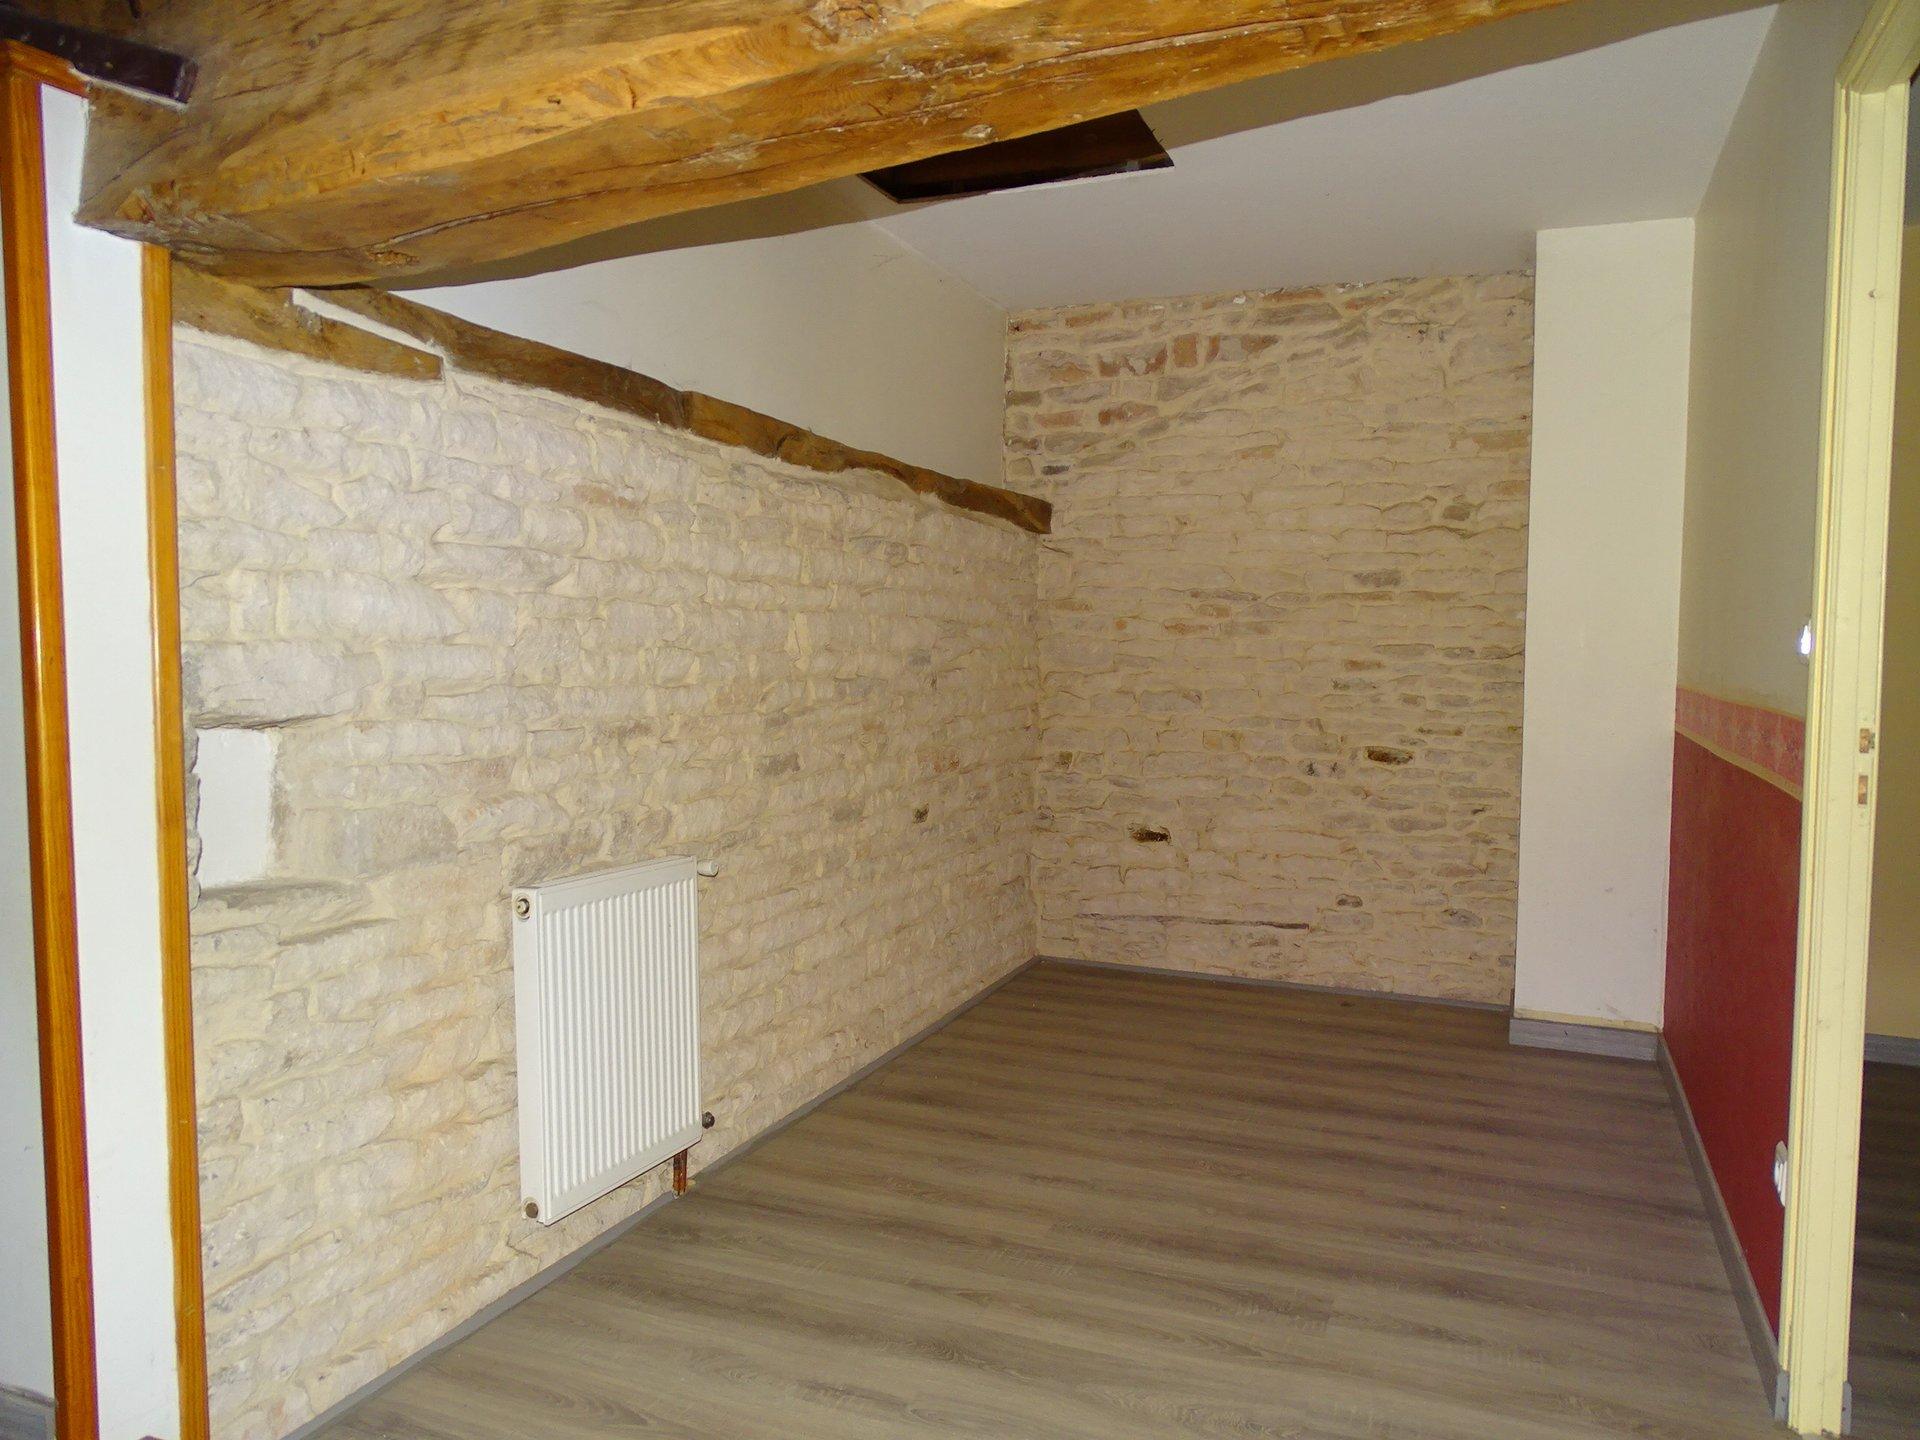 SOUS COMPROMIS DE VENTE. LUGNY : Vous recherchez une maison avec un certain charme, des volumes et des dépendances !  Cette maison est faite pour vous. D'une surface habitable de 140 m² elle offre une agréable pièce de vie avec un mur en pierre, un bureau et un salon. A l'étage vous découvrirez 3 chambres, un dégagement et une salle de bains avec baignoire plus une douche en attente. Dépendances sur deux niveaux de 43 m² plus un sous sol complet. Le tout sur un terrain approchant les 800 m² mais possibilité d'acquérir en plus la parcelle voisine.  Honoraires à la charge du vendeur.